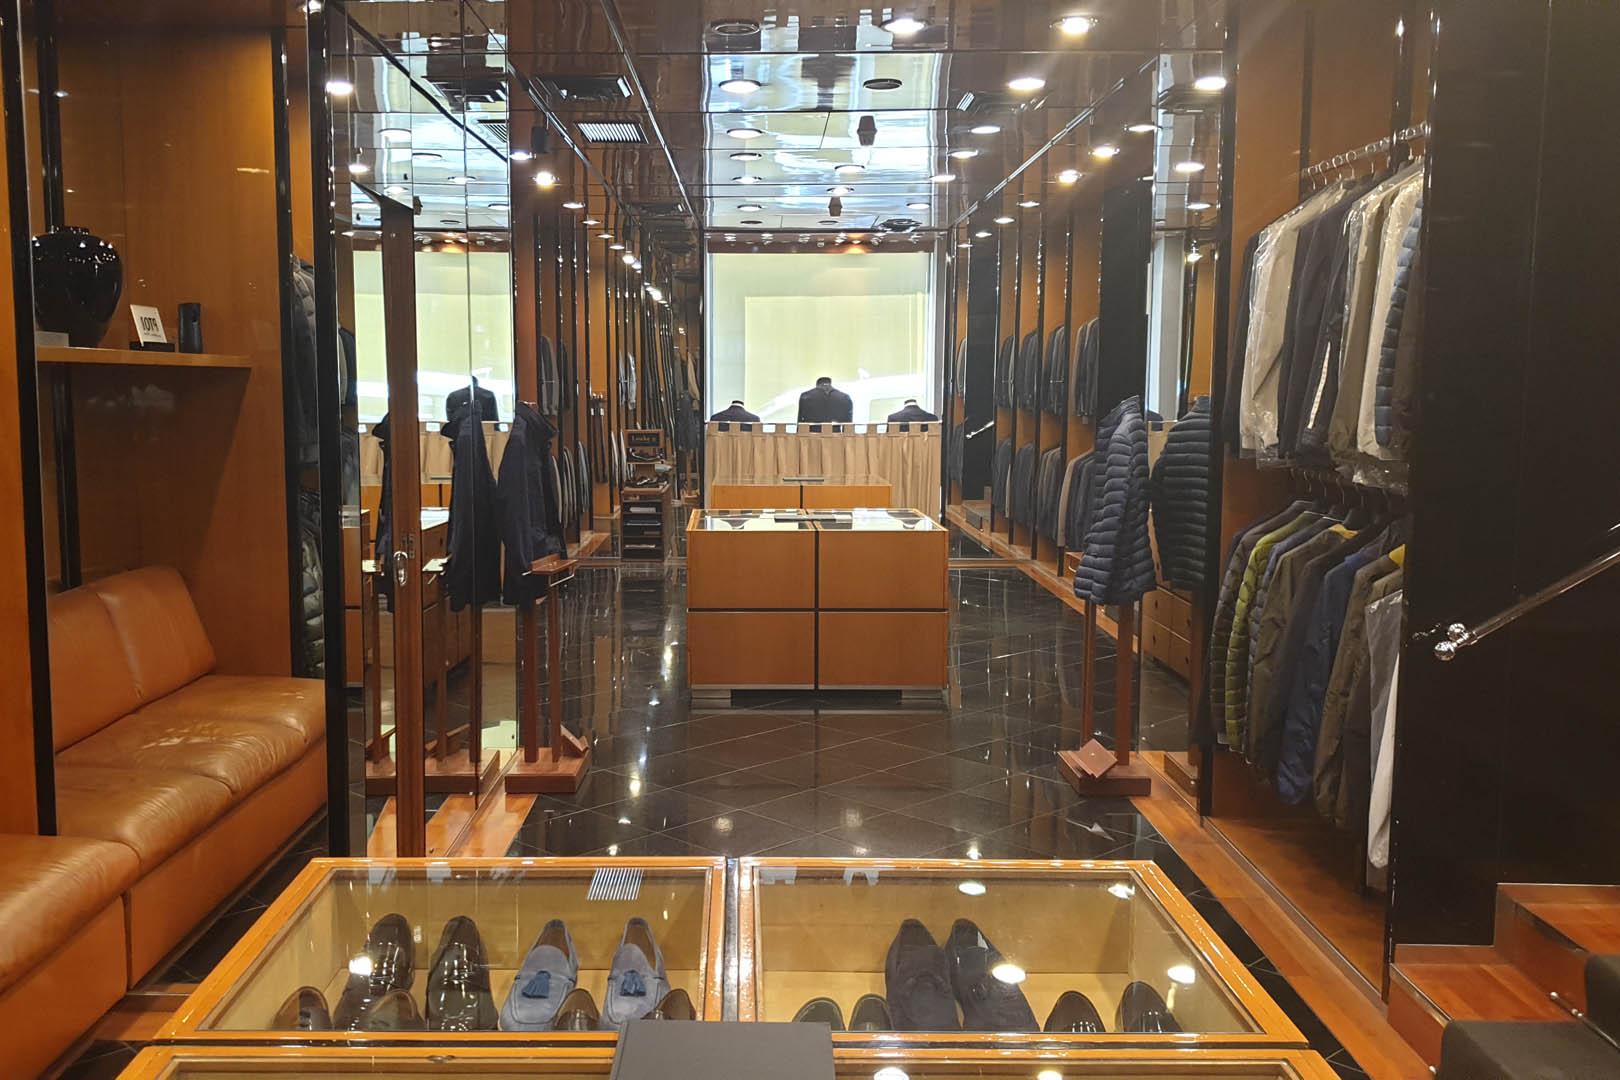 Le Migliori Boutique da Uomo di Roma